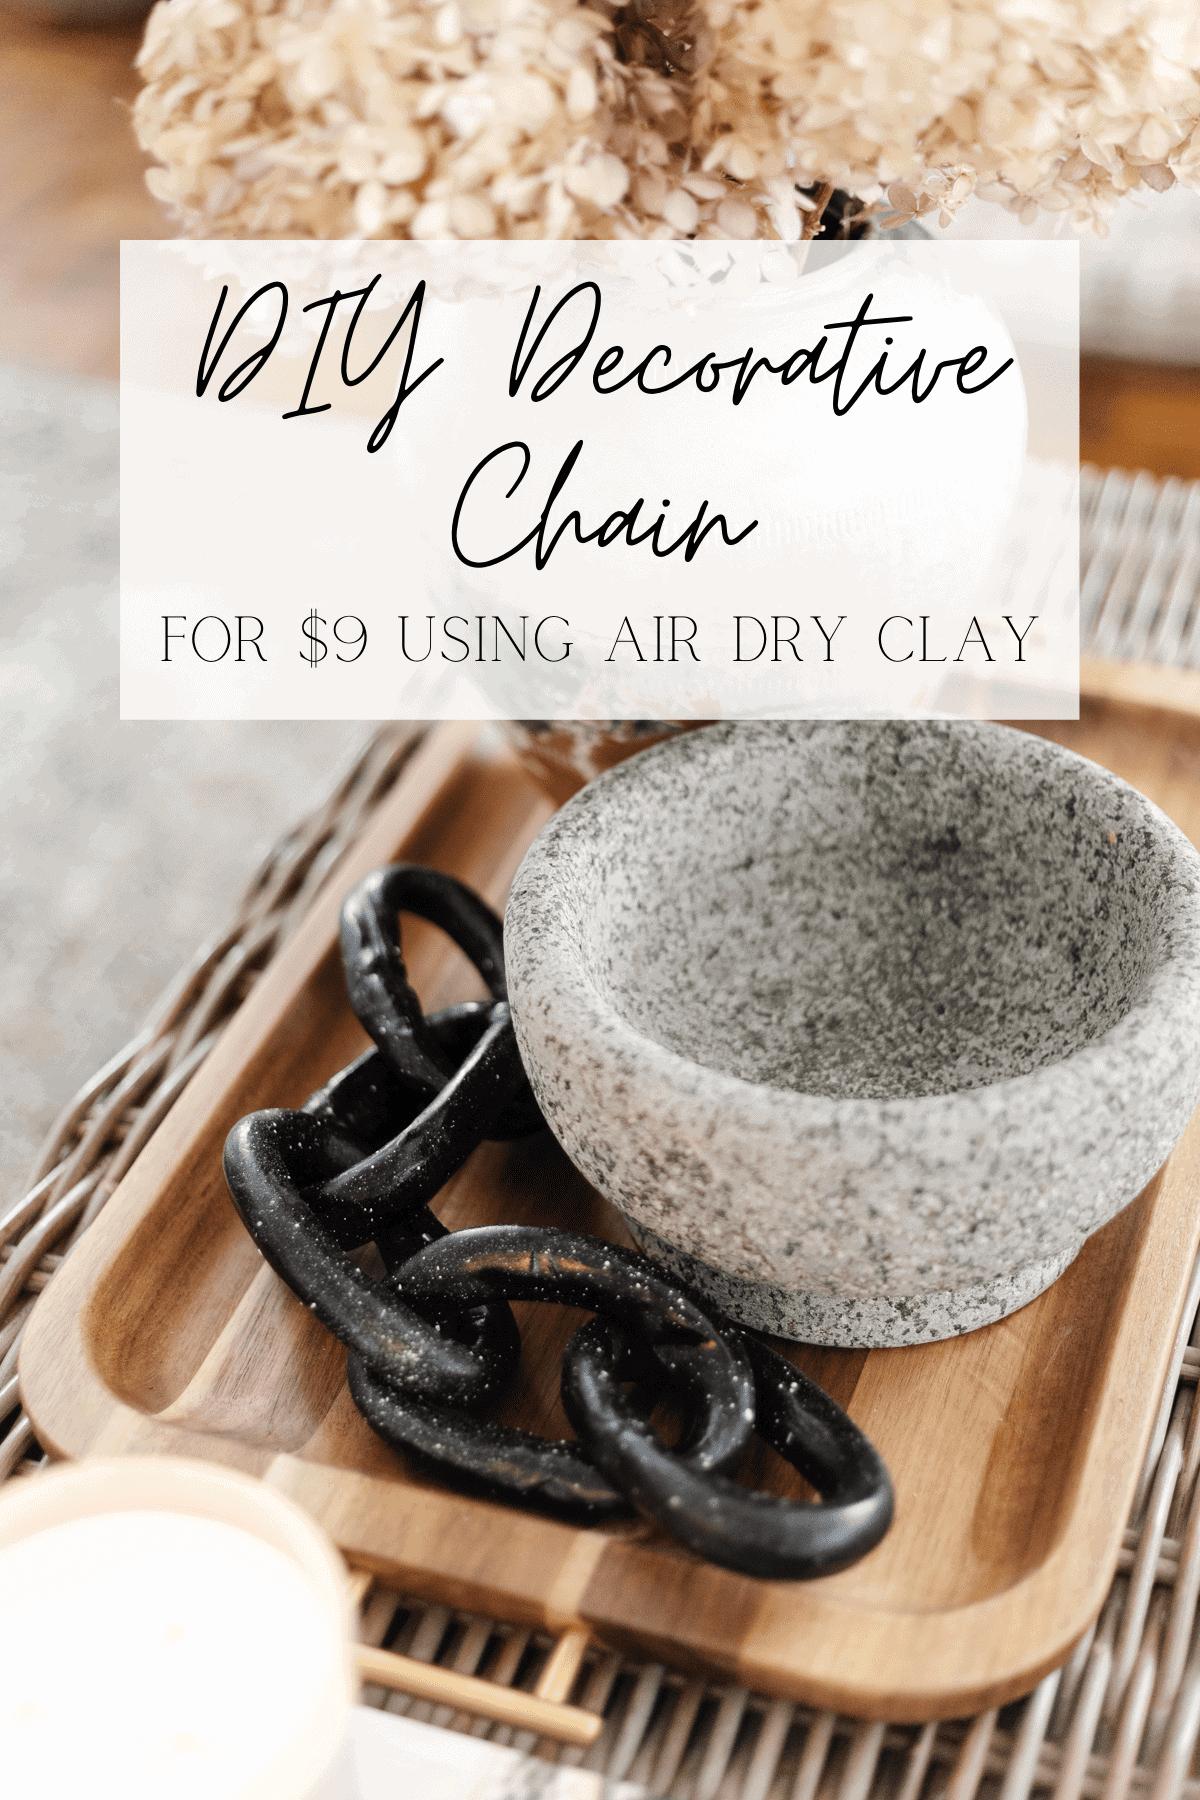 air dry clay decorative chain